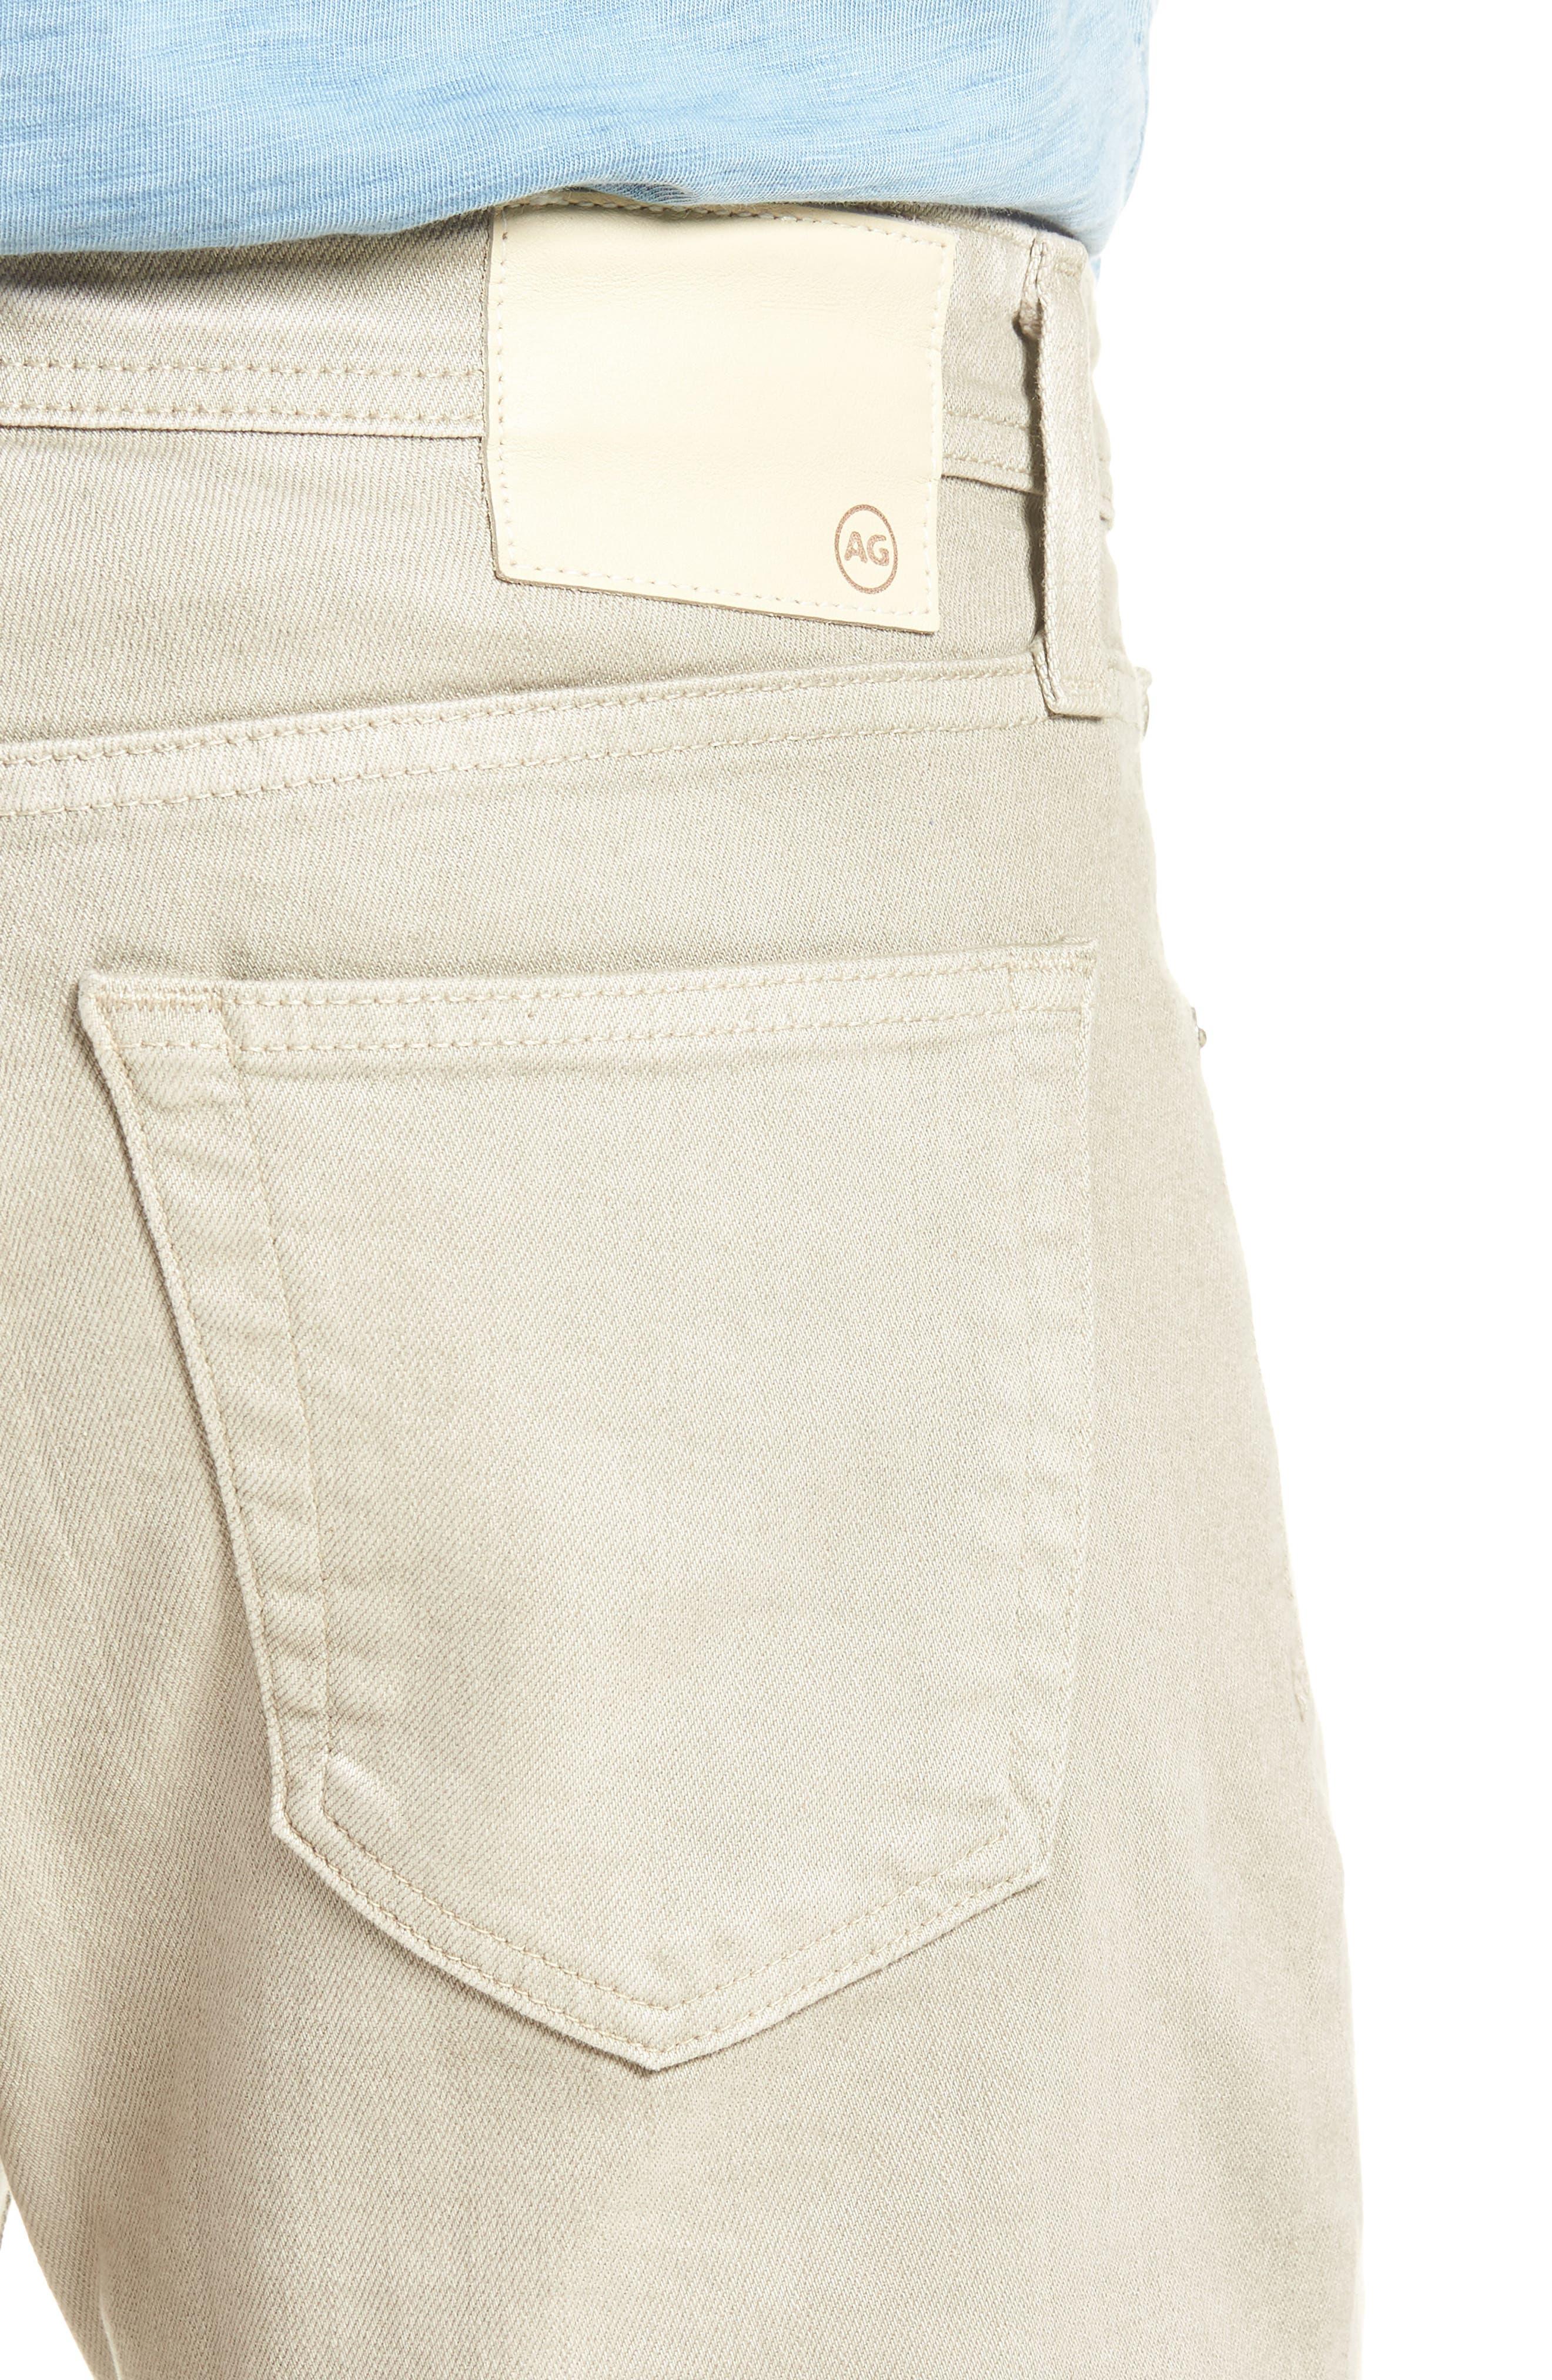 Tellis Slim Leg Twill Pants,                             Alternate thumbnail 4, color,                             268